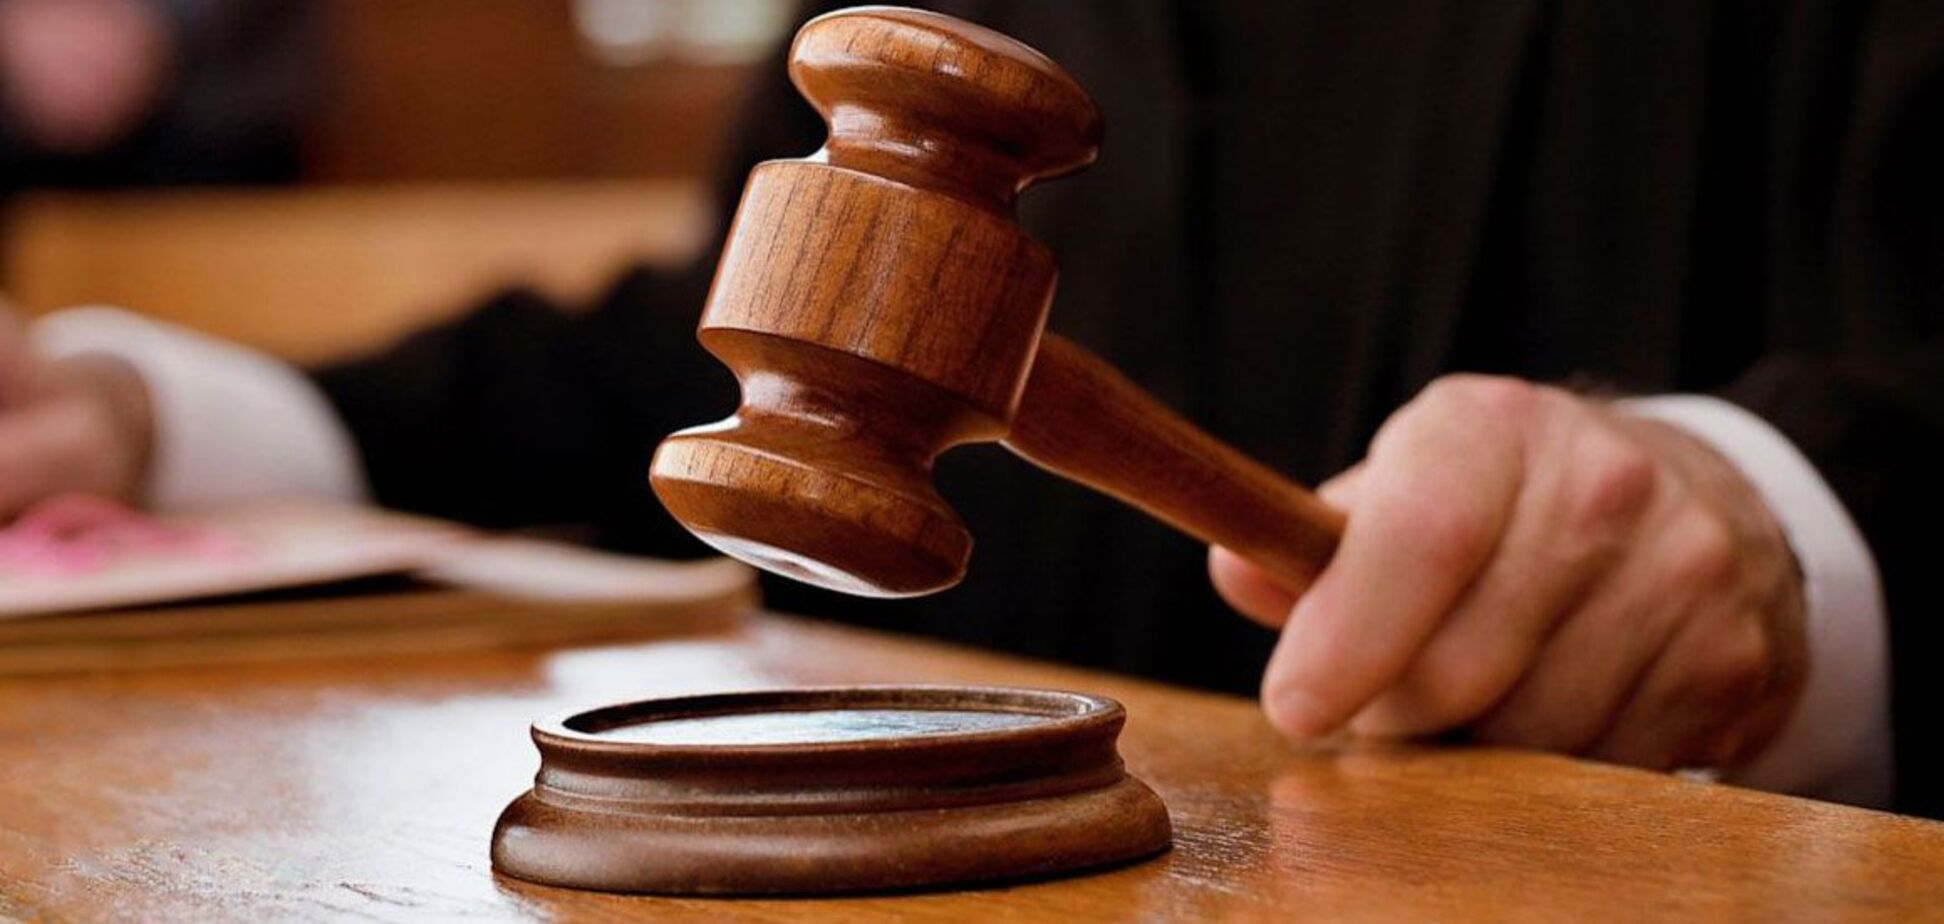 Суд підтвердив законність дій прокурора САП, який закрив справу 'Роттердам+'